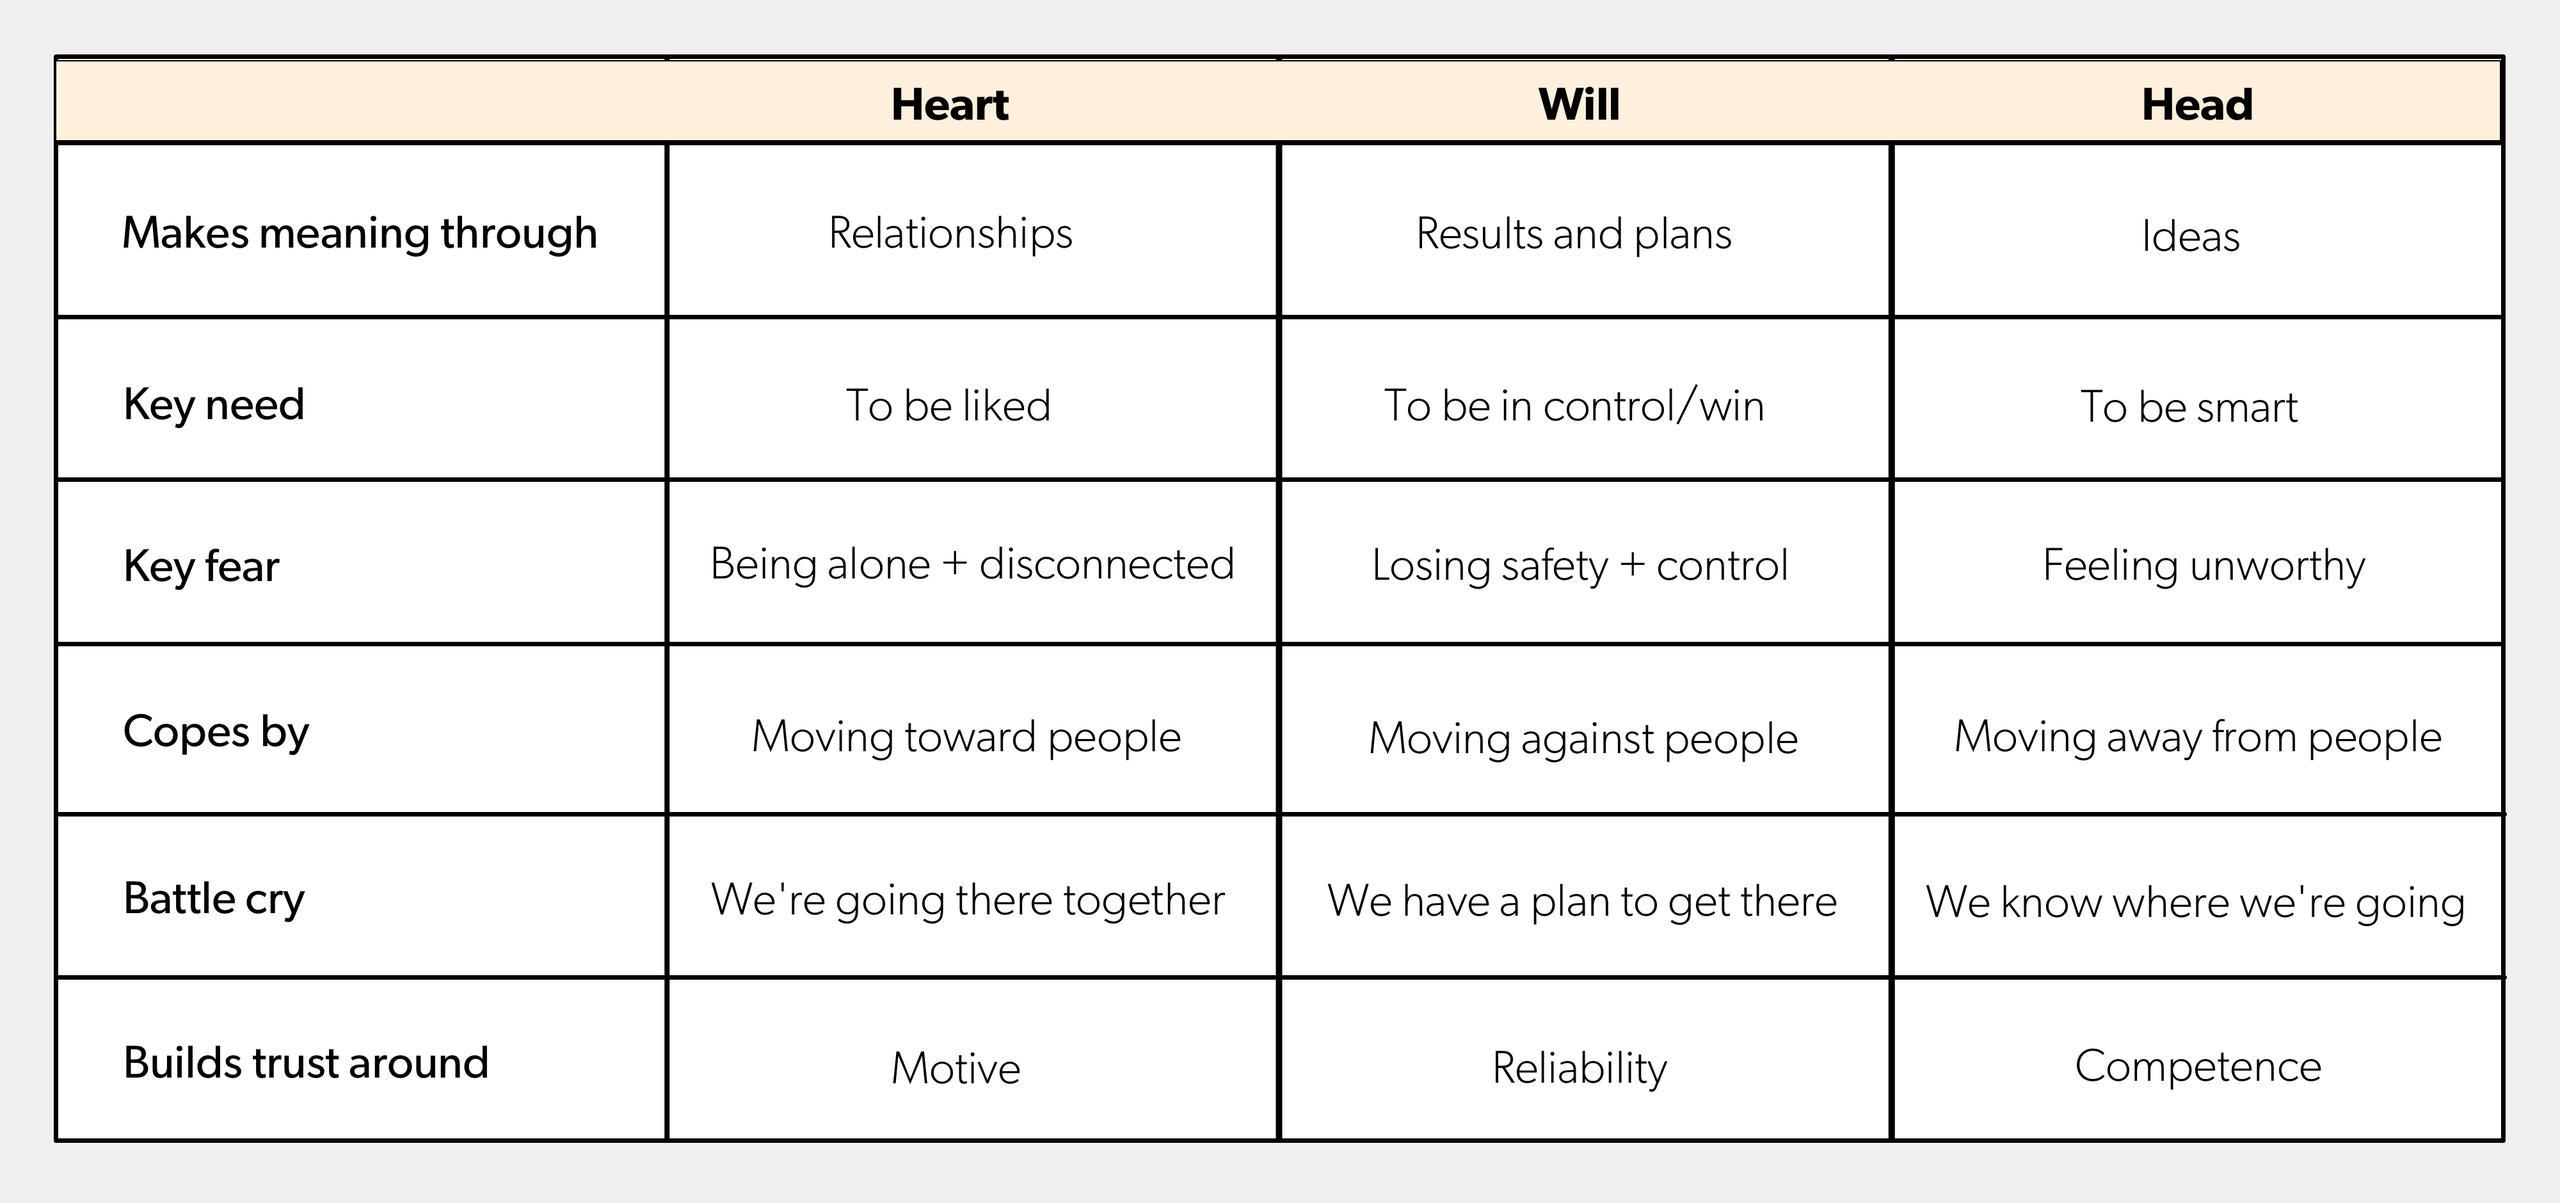 Heart, will, head